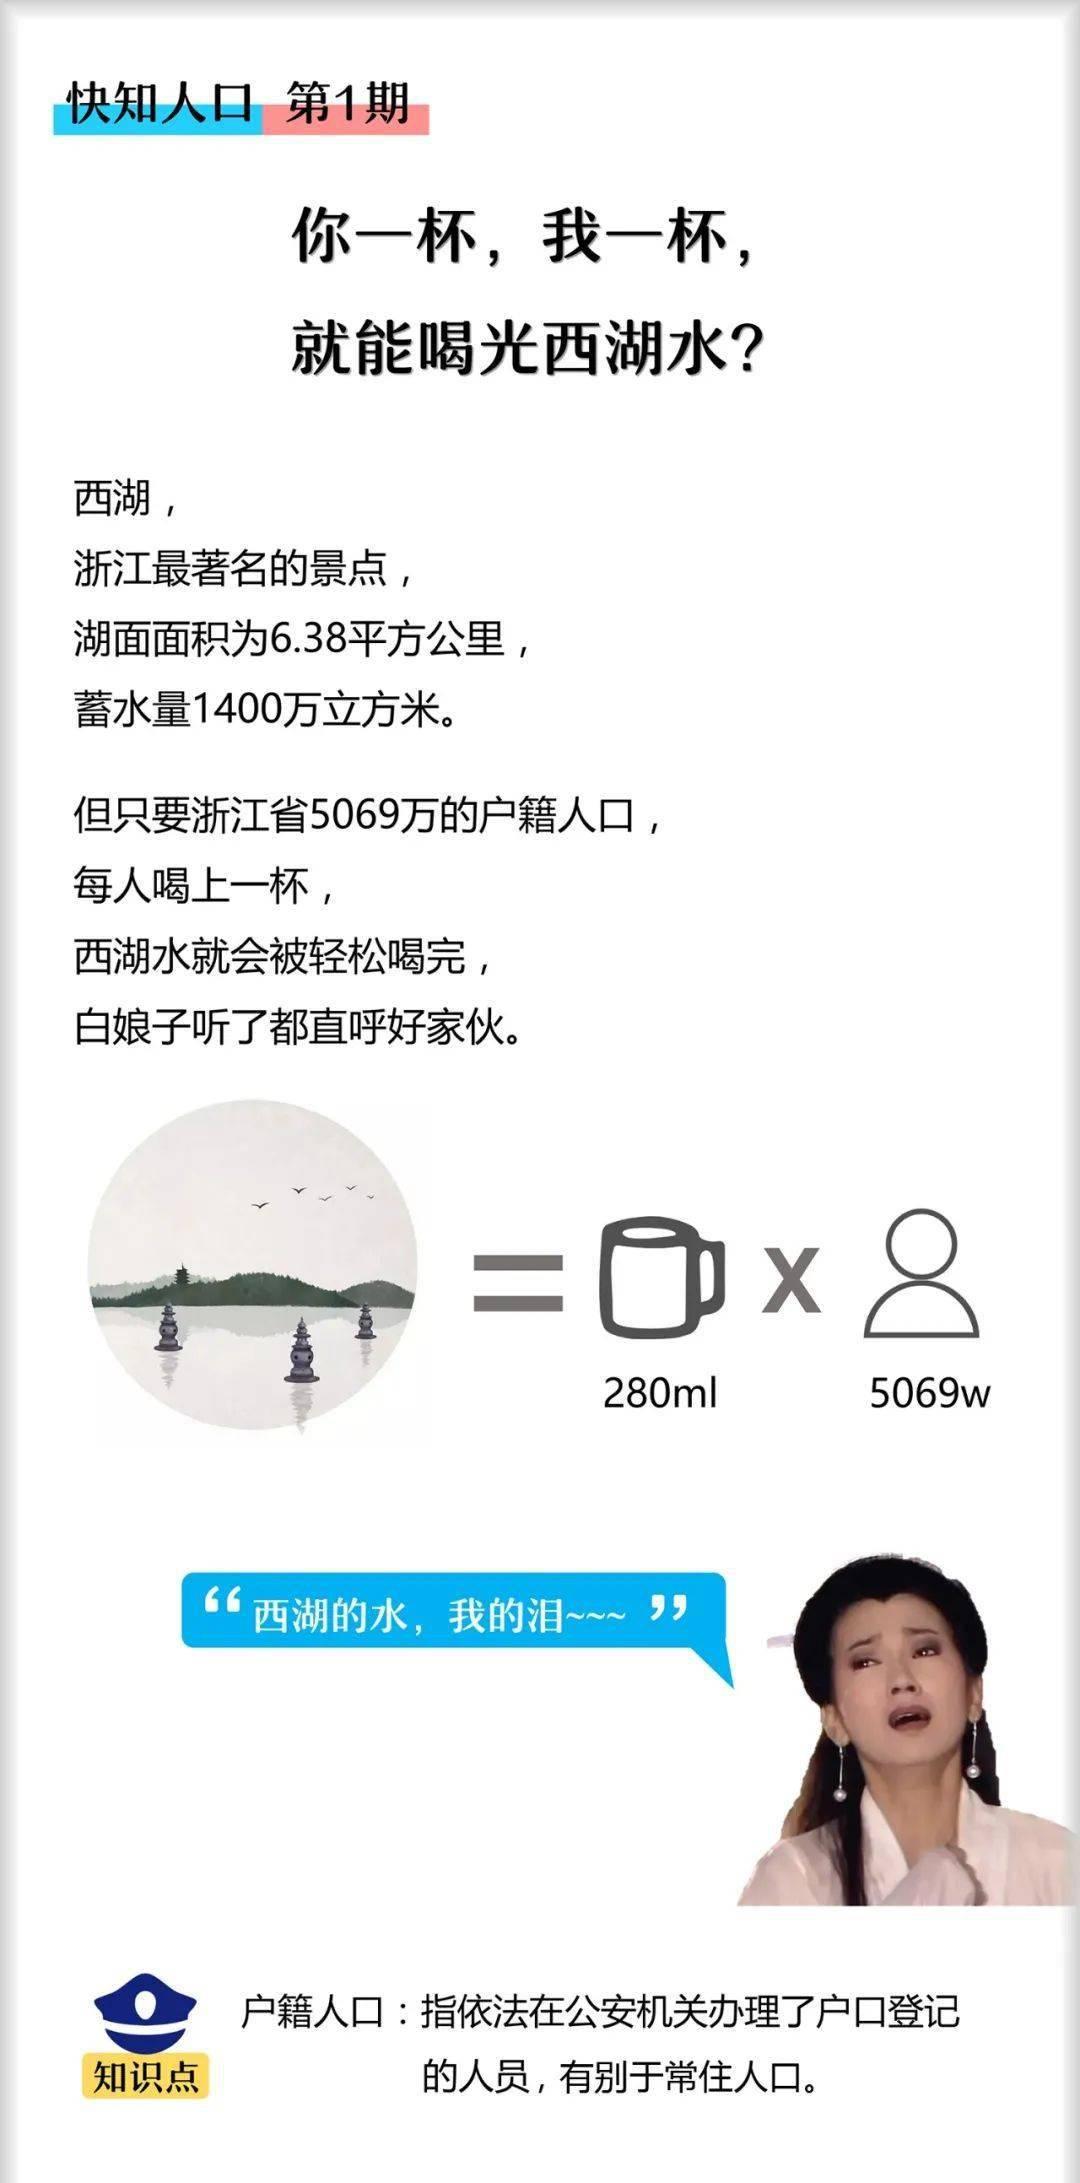 各省户籍人口_浙江省城市最新人口结构,杭甬婺青壮年比例最高、舟山衢州老龄